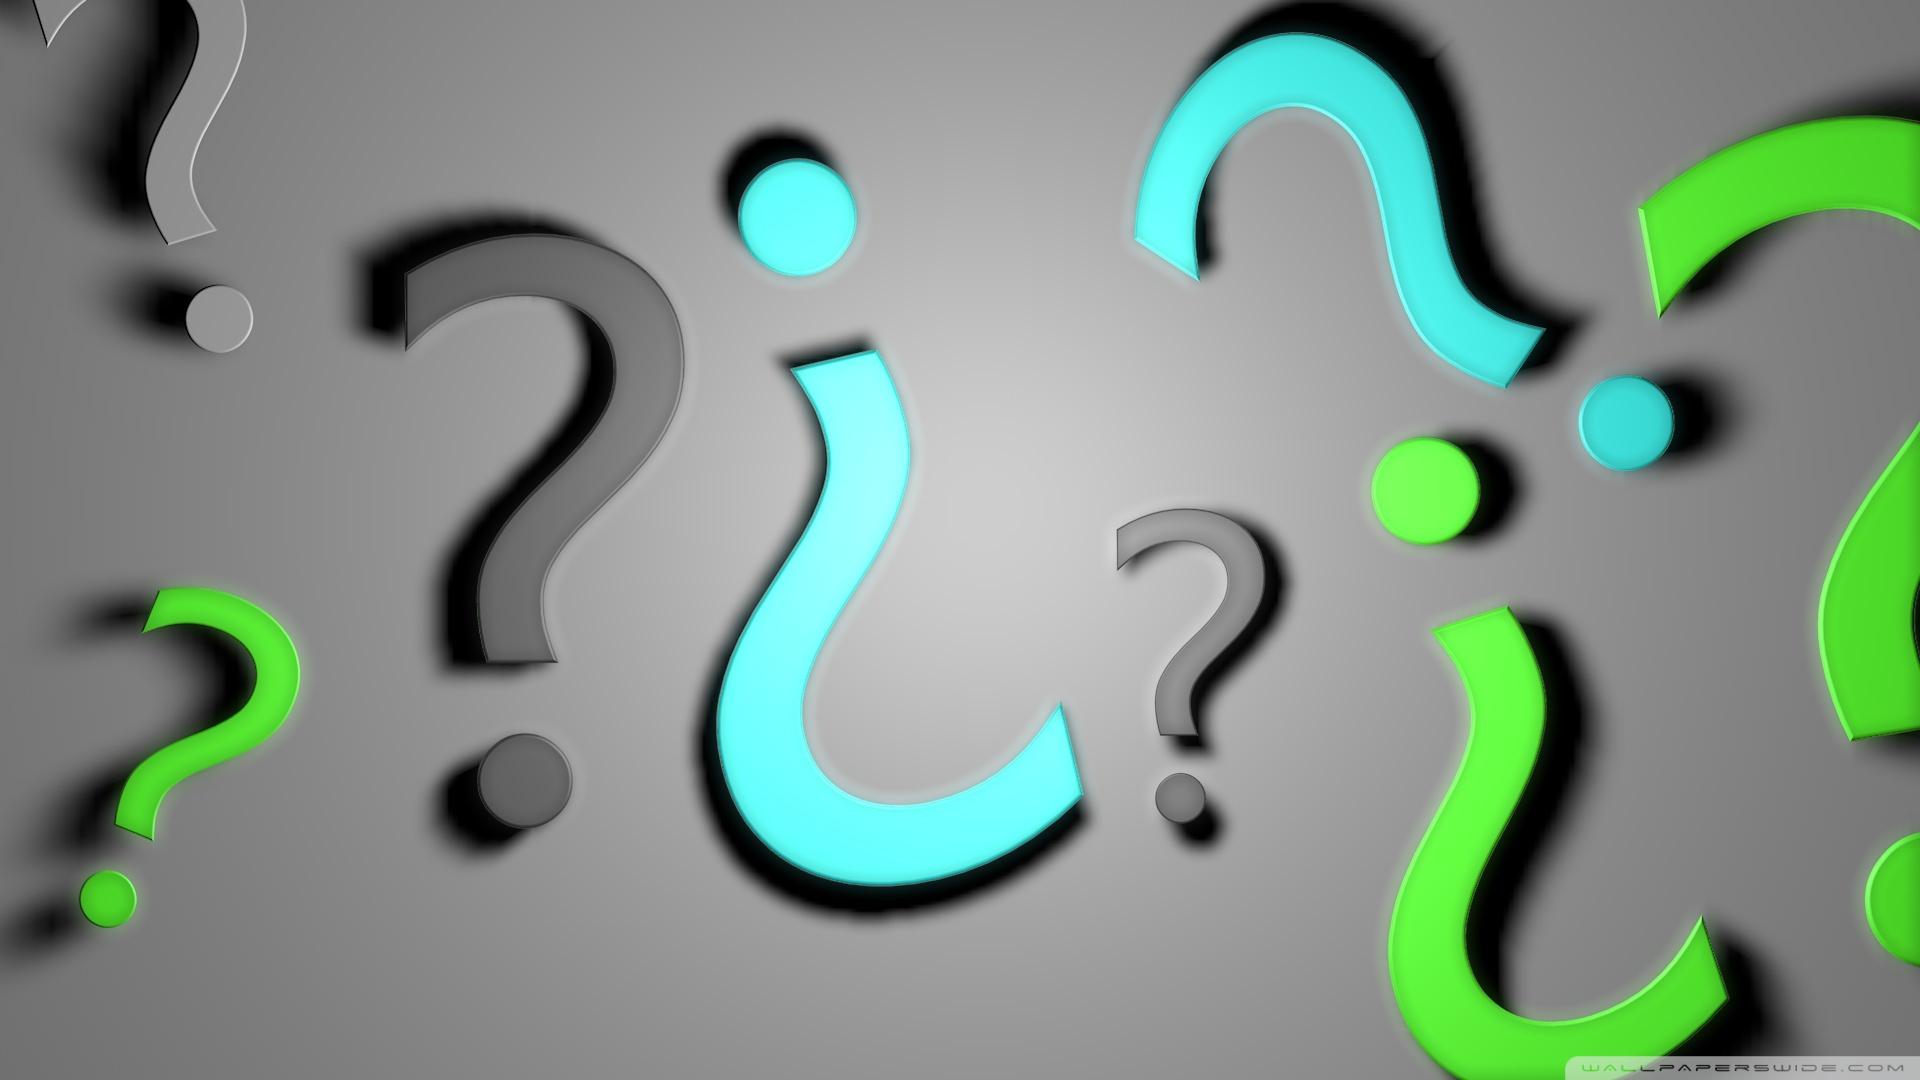 Myslenkou k uspechu - anketa - jak vnimate slovo stesti a uspech